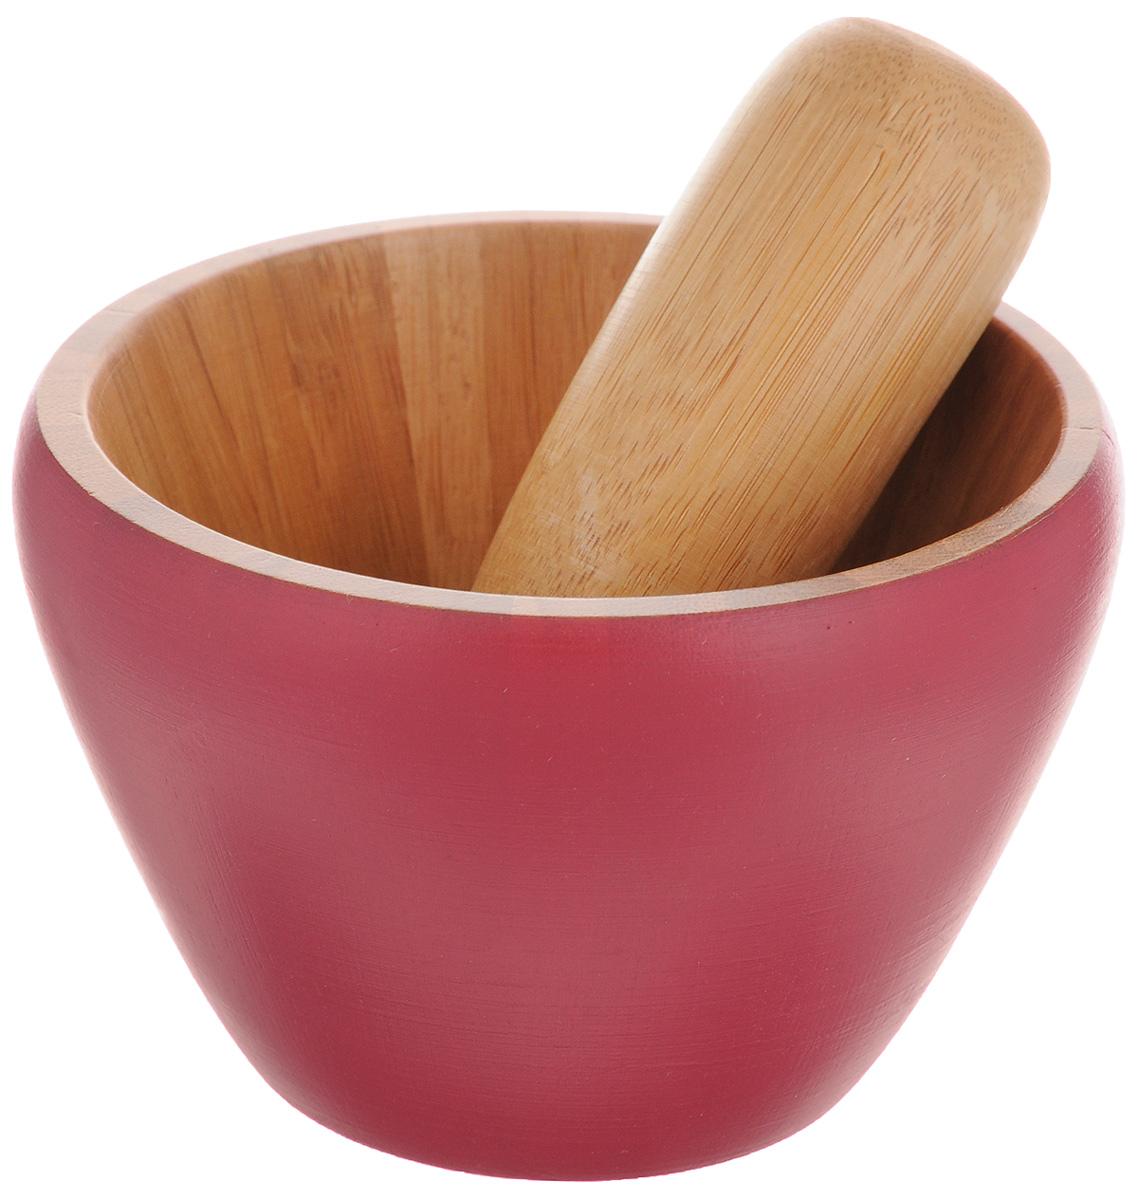 Ступка с пестиком Mayer & Boch, цвет: красный, натуральное дерево23261_красныйСтупка с пестиком Mayer & Boch, выполненные из высококачественного бамбука, украсят современный интерьер и добавят изысканный штрих вашему кухонному пространству. Изделия предназначены для измельчения различных специй и трав, орехов, чеснока, каперсов и многого другого.Для эффективного измельчения рабочая часть изделий шероховатая. С таким набором вы с легкостью добьетесь необходимой вам консистенции продукта.Не использовать в посудомоечной машине.Диаметр ступки (по верхнему краю): 11,5 см.Диаметр основания ступки: 6,2 см.Высота стенок: 8 см.Длина пестика: 12 см.Диаметр рабочей поверхности пестика: 3 см.